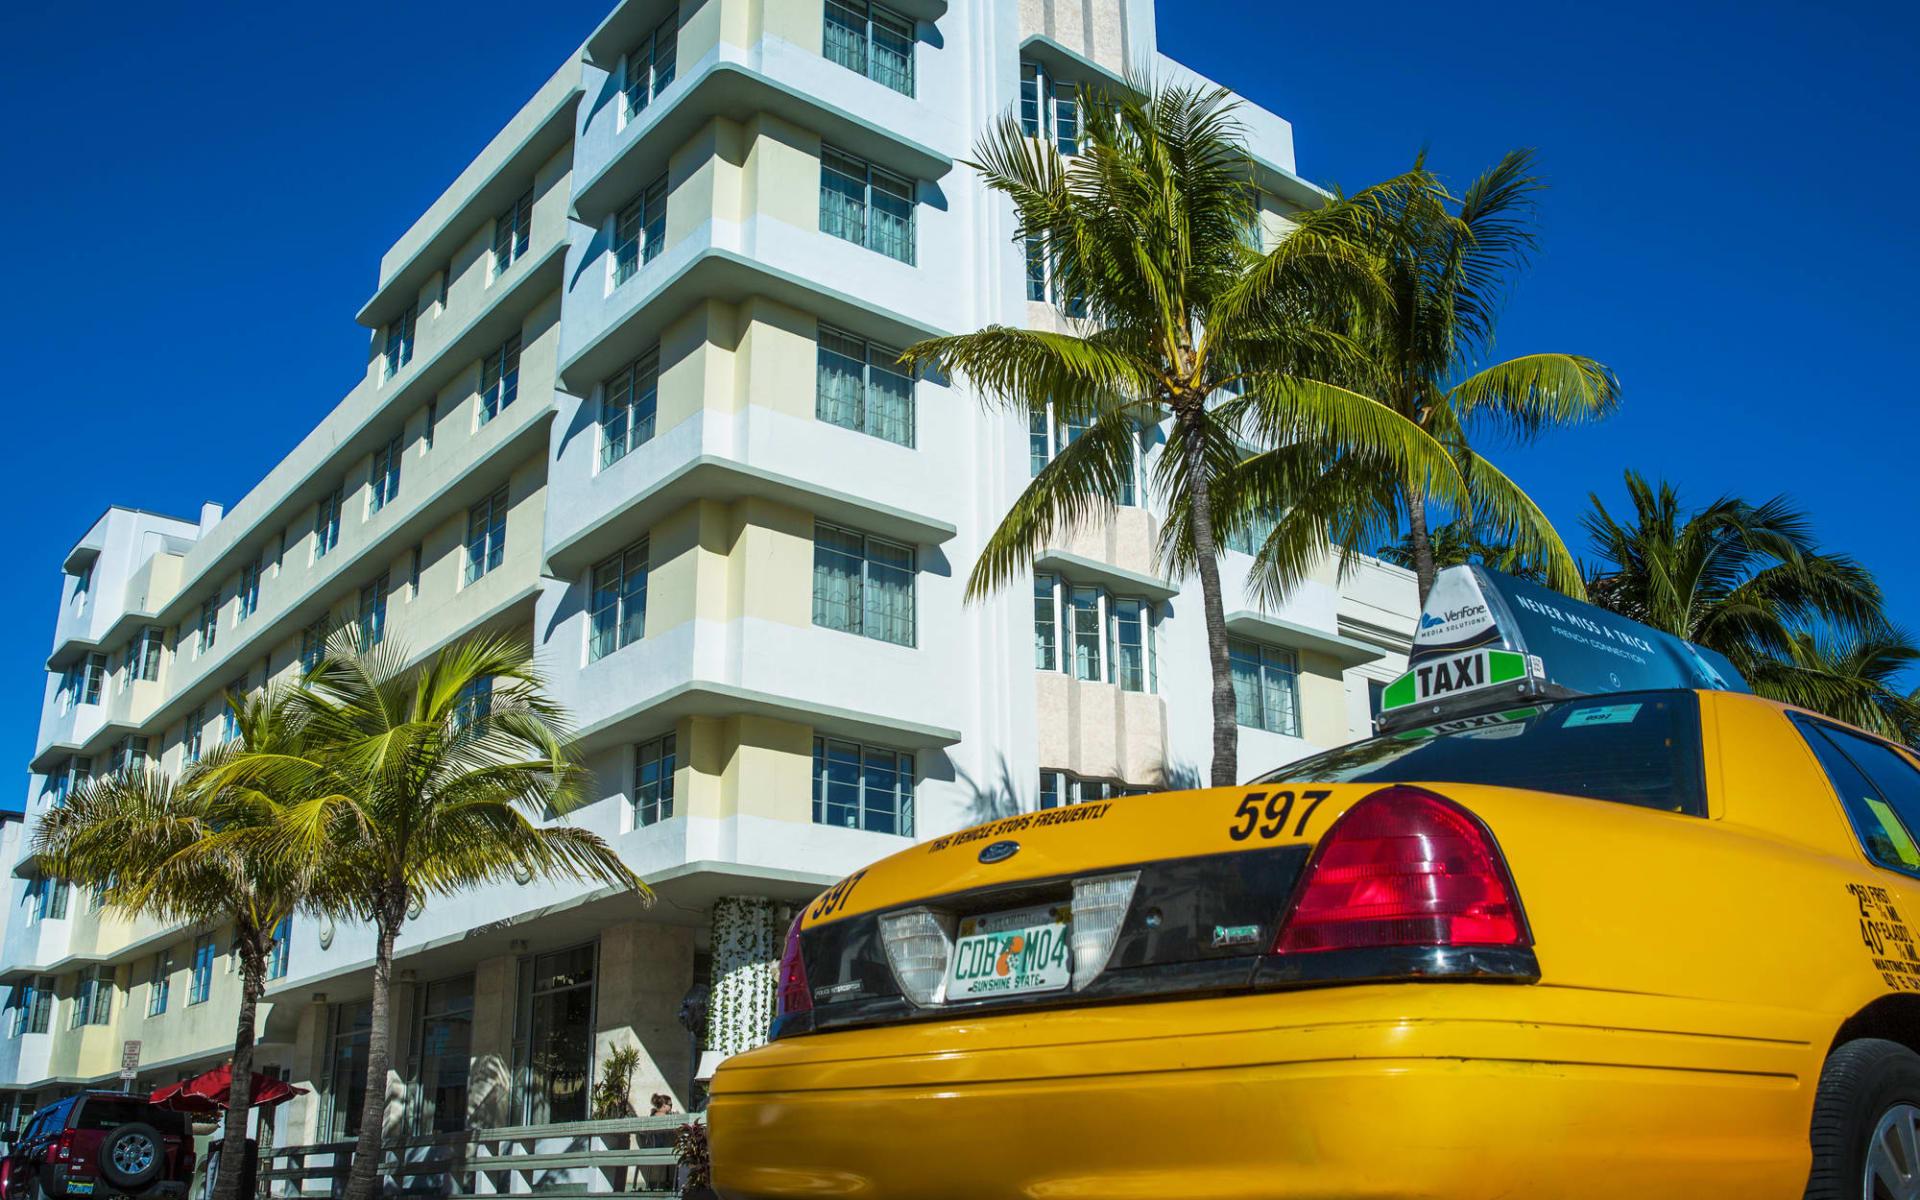 Metropolitan by COMO Miami Beach:  Metropolitan by Como - Fassade und Taxi